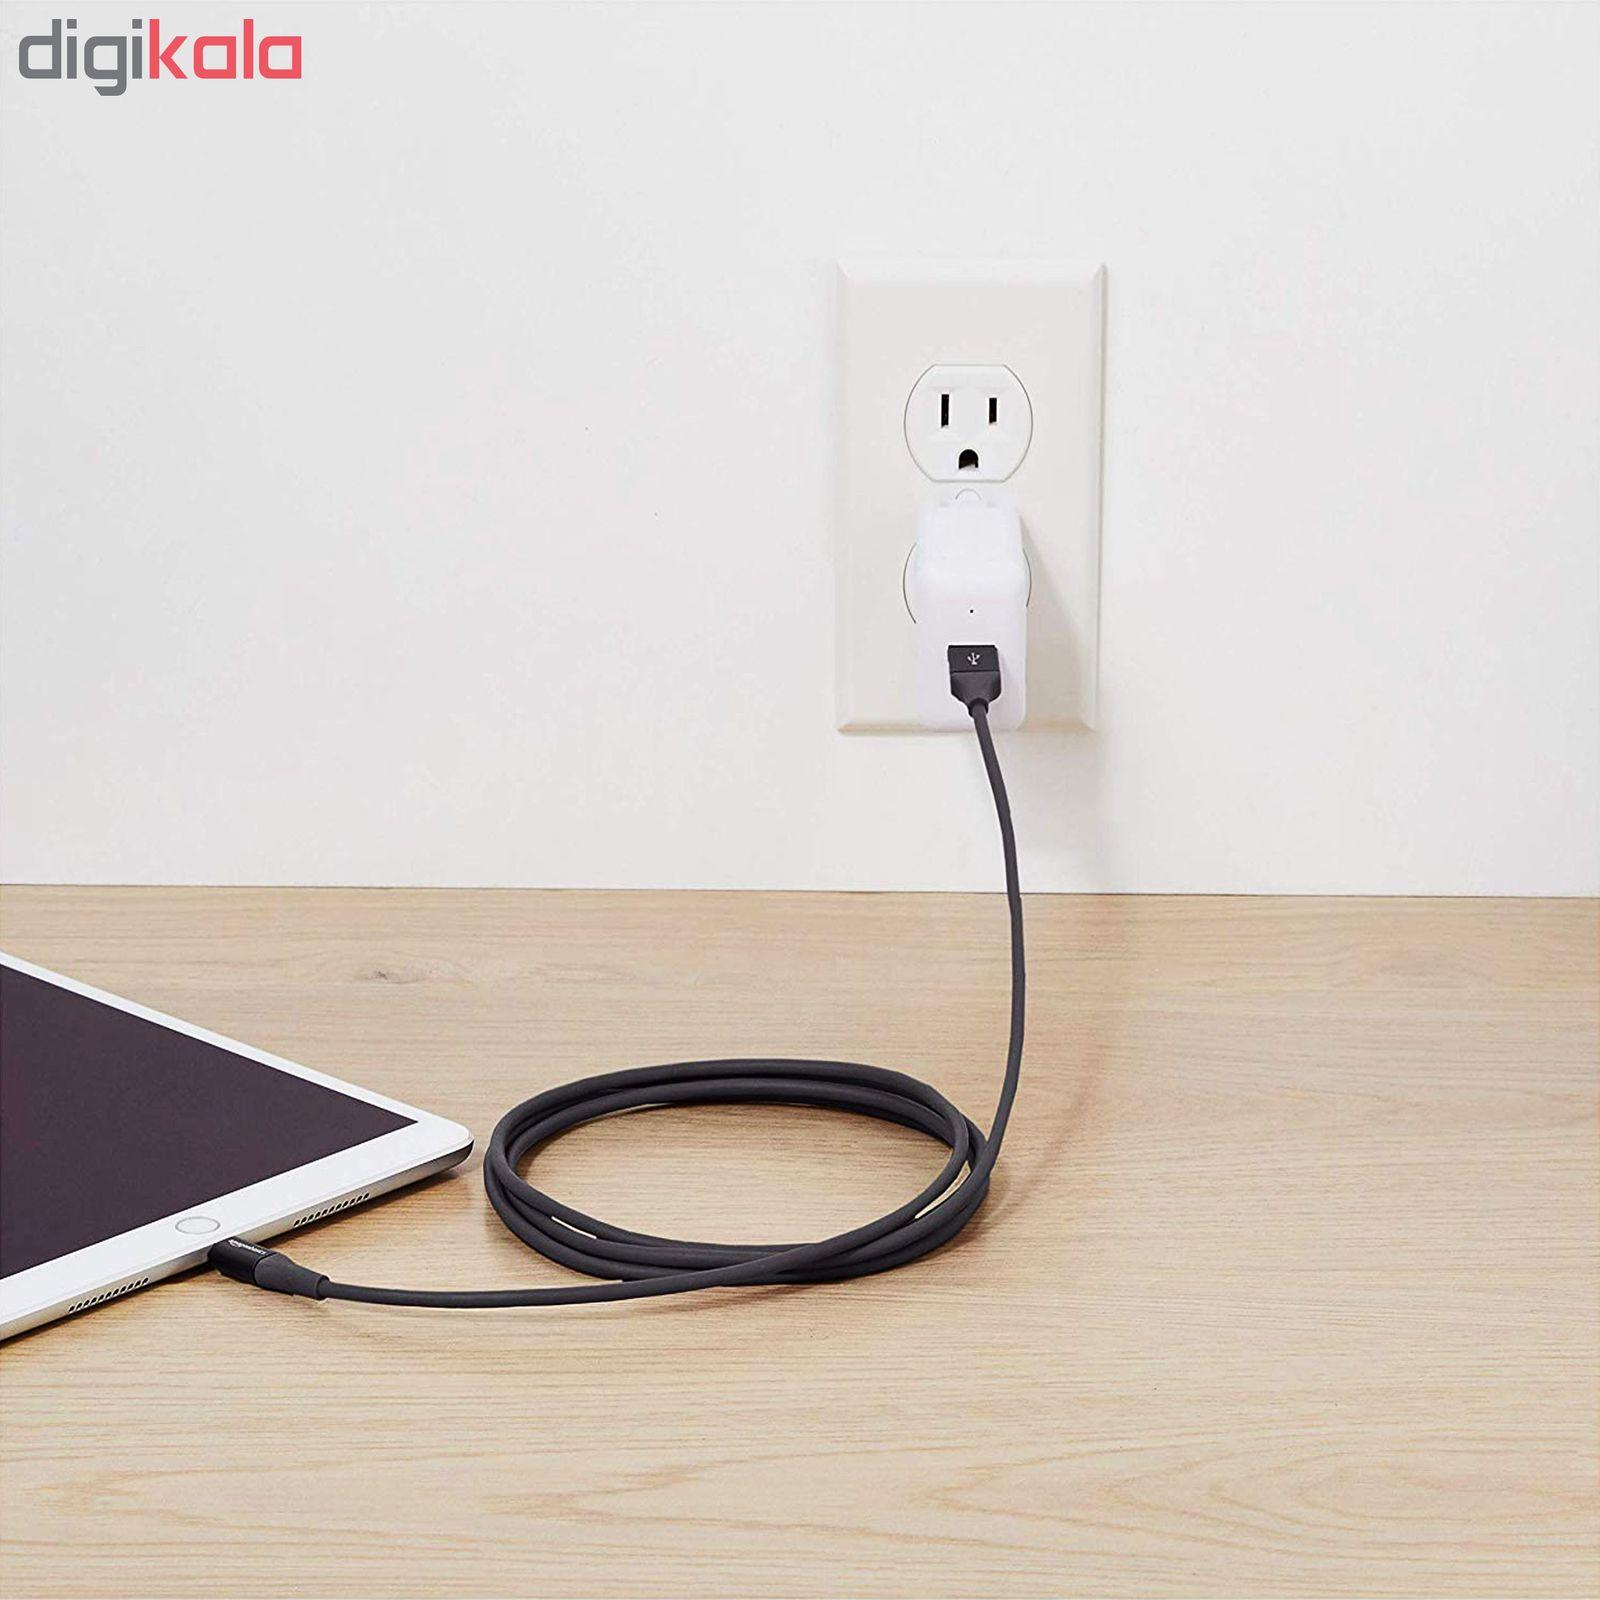 کابل تبدیل USB به لایتنینگ آمازون بیسیکس مدل L6LMF129-CS-R طول 1.8 متر main 1 3